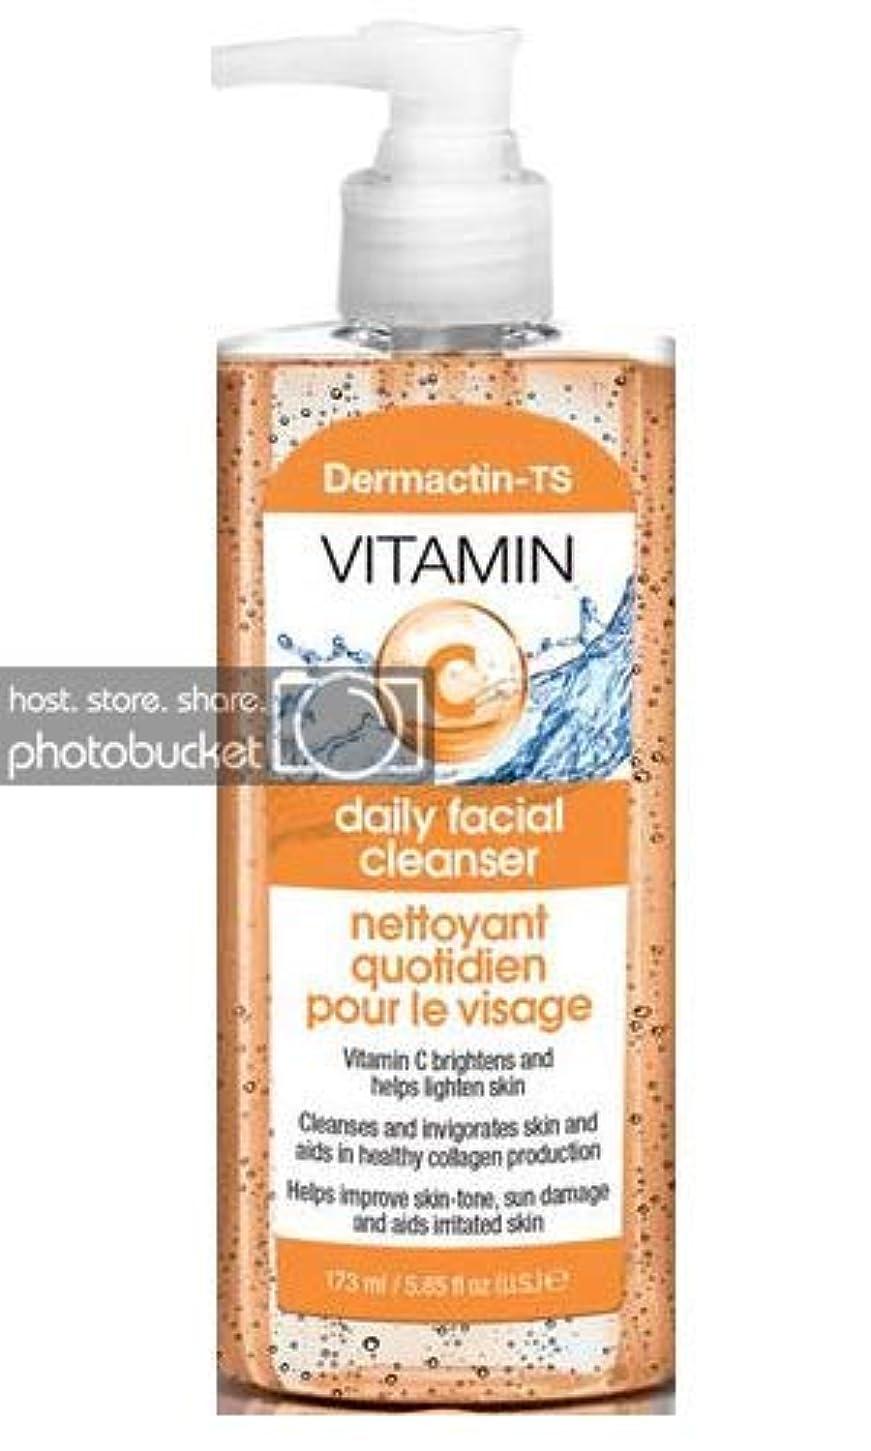 ナット以下ショッキングDermactin-TS ビタミンCフェイシャルクレンザー165g (6パック) (並行輸入品)